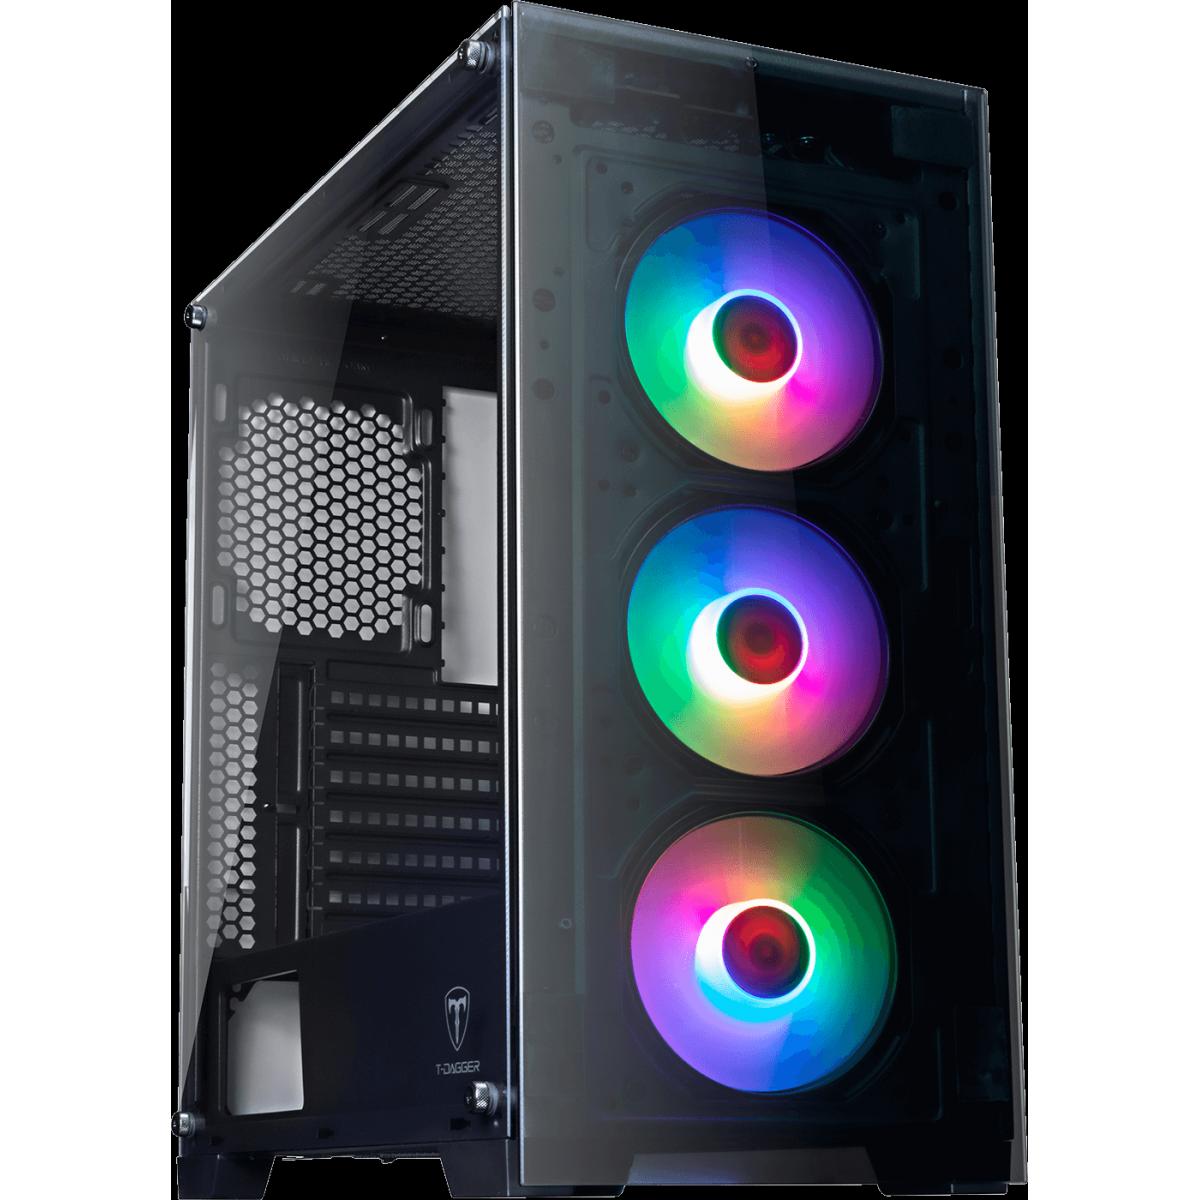 Pc Gamer T-General Lvl-2 Amd Ryzen 5 3600 / Radeon RX 570 4GB / DDR4 8GB / HD 1TB / 500W